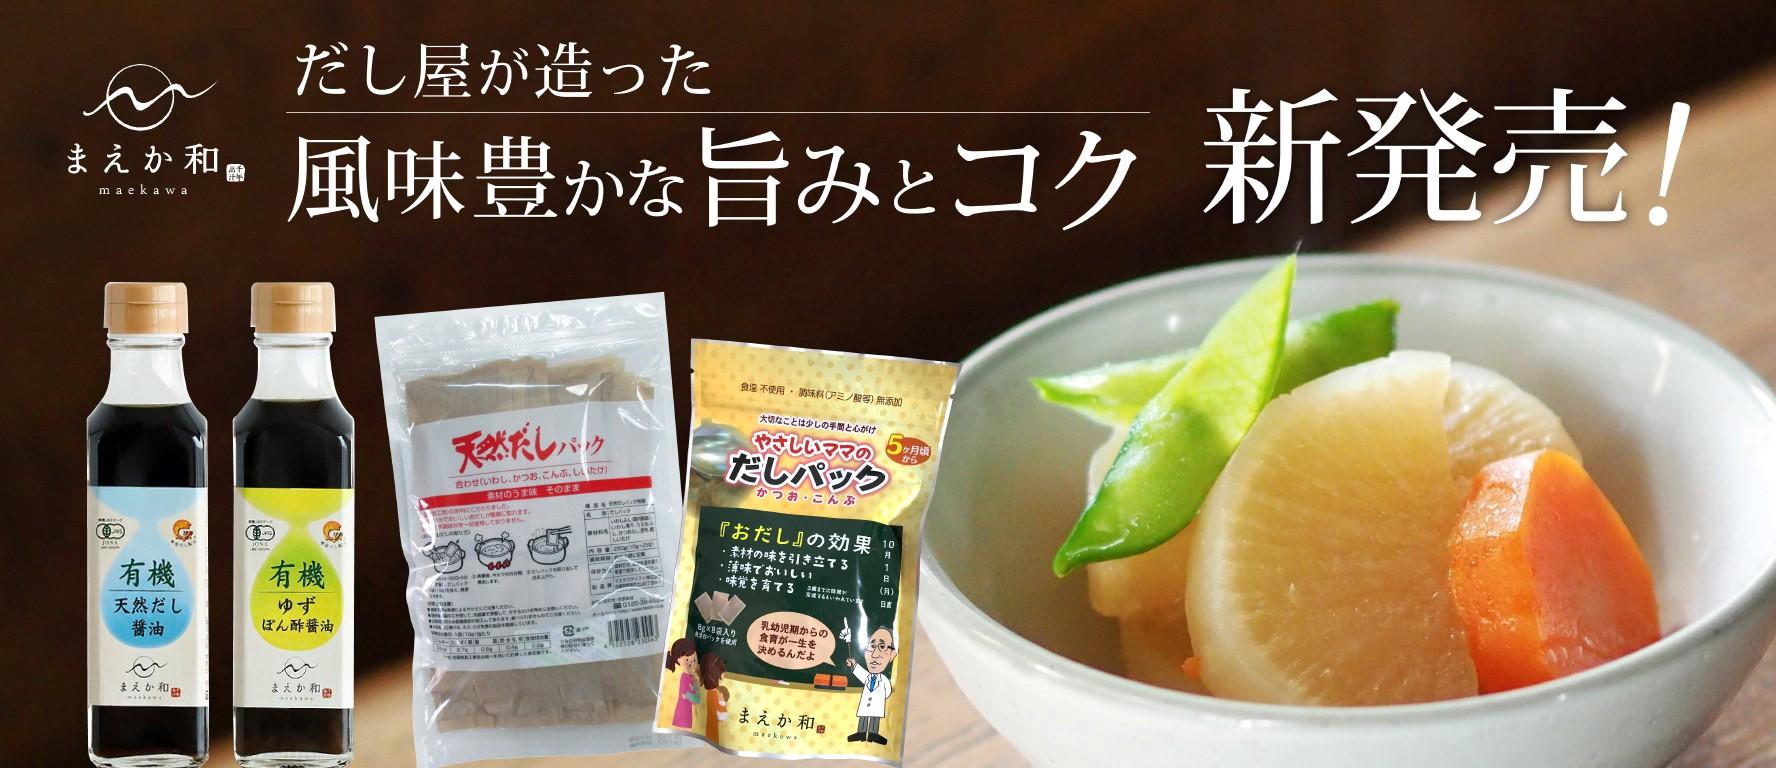 カモマイル325ml/GPB・ローザ59ml新発売